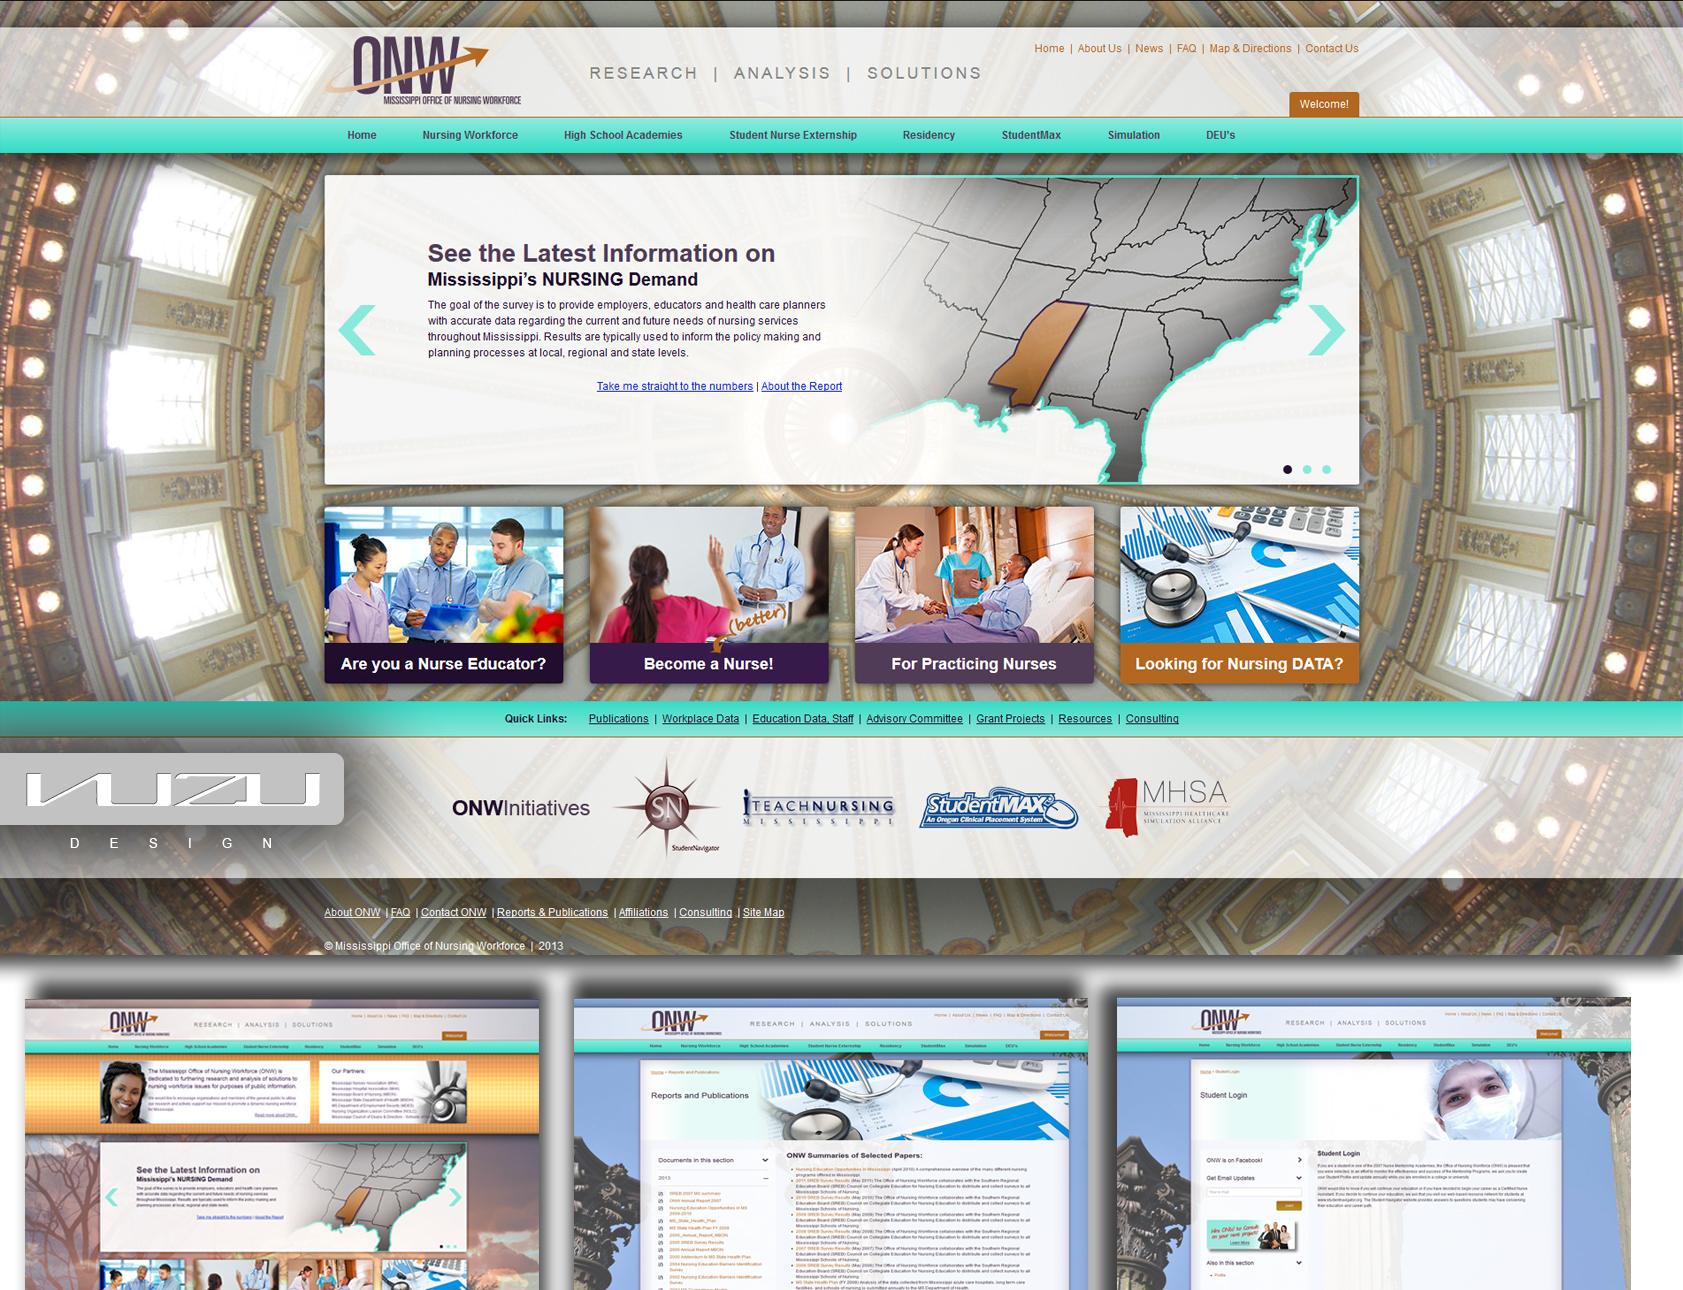 website designer and website services